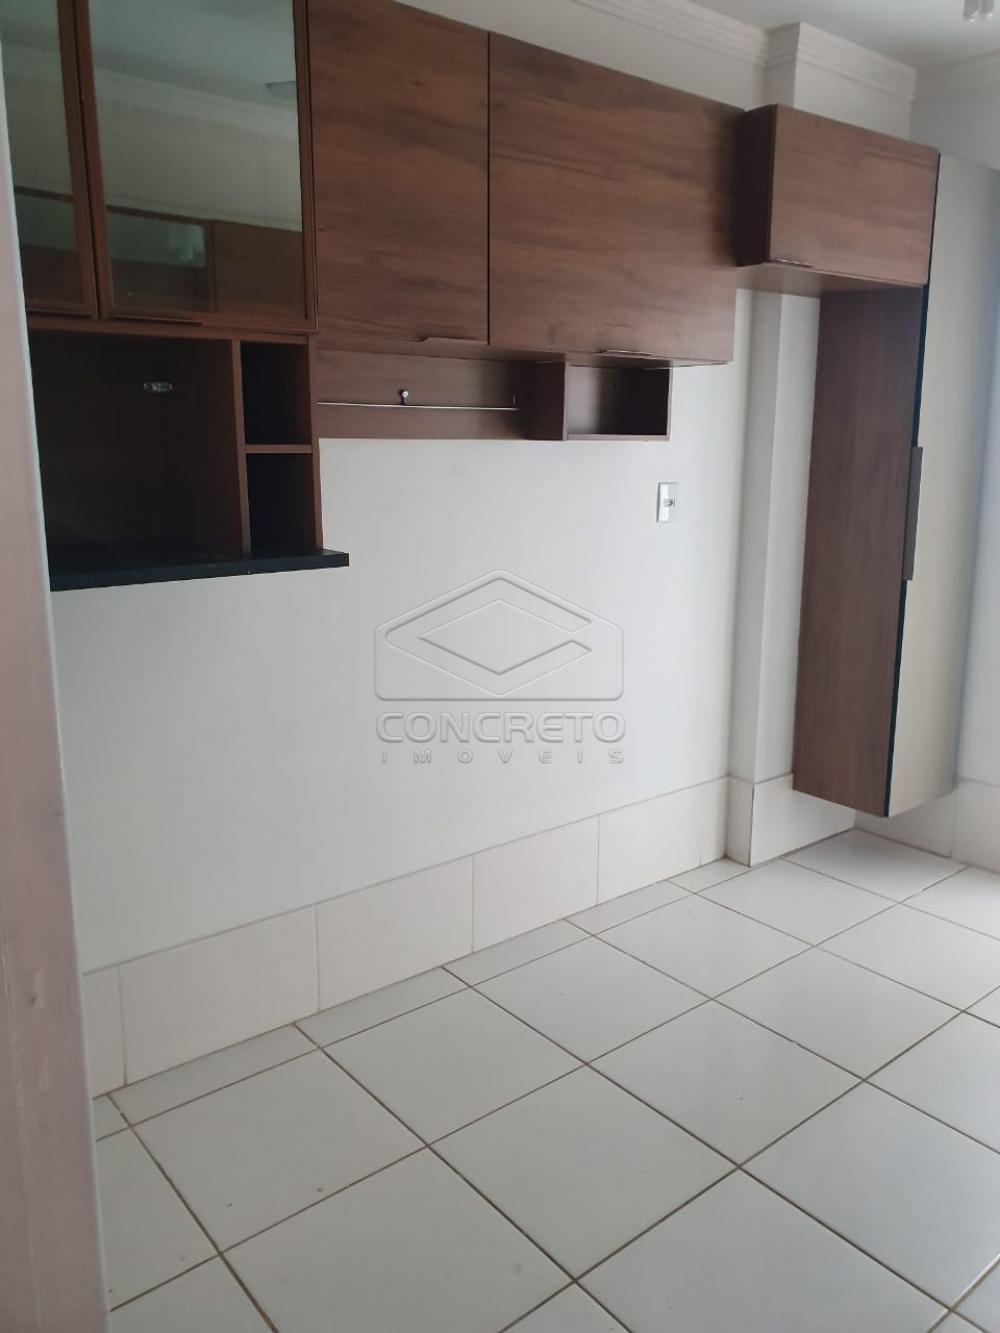 Comprar Apartamento / Padrão em Bauru apenas R$ 400.000,00 - Foto 23